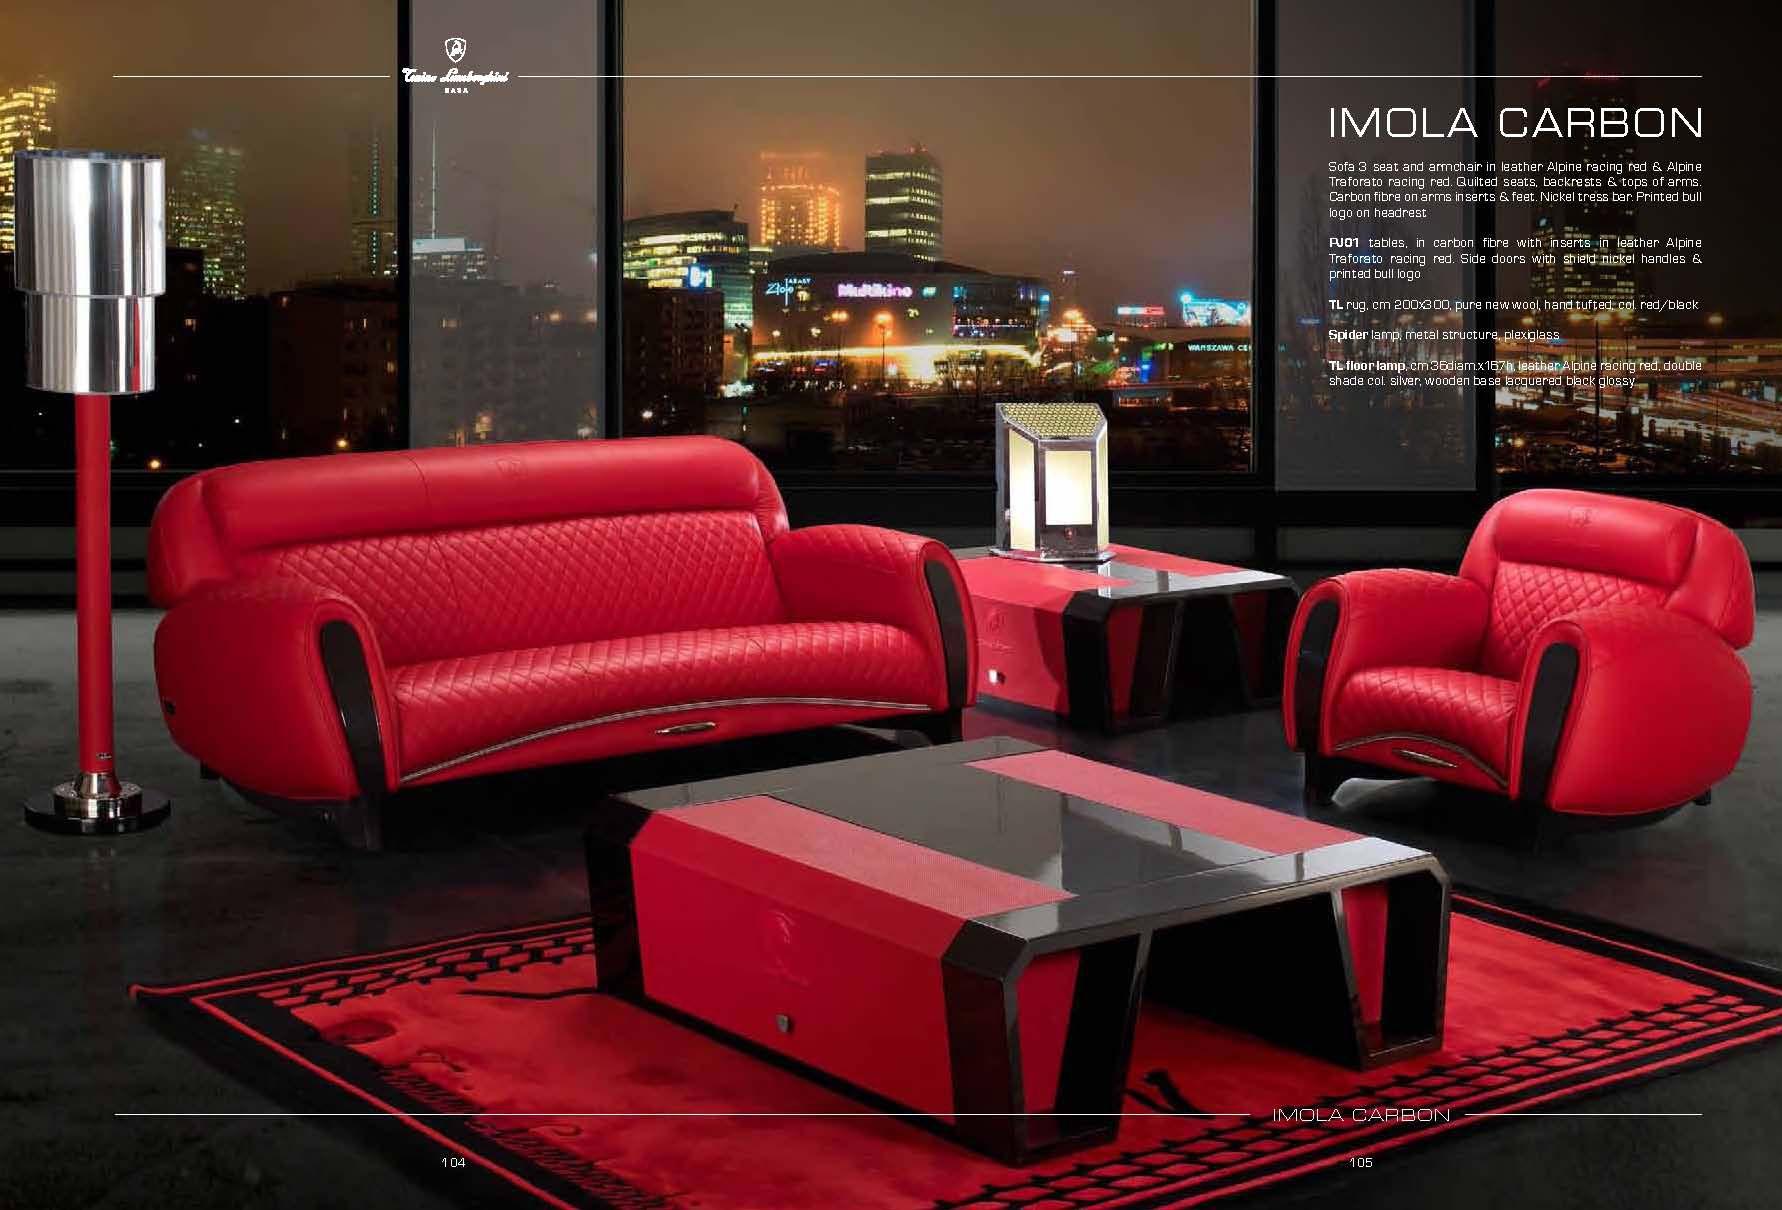 ugle interior. Black Bedroom Furniture Sets. Home Design Ideas